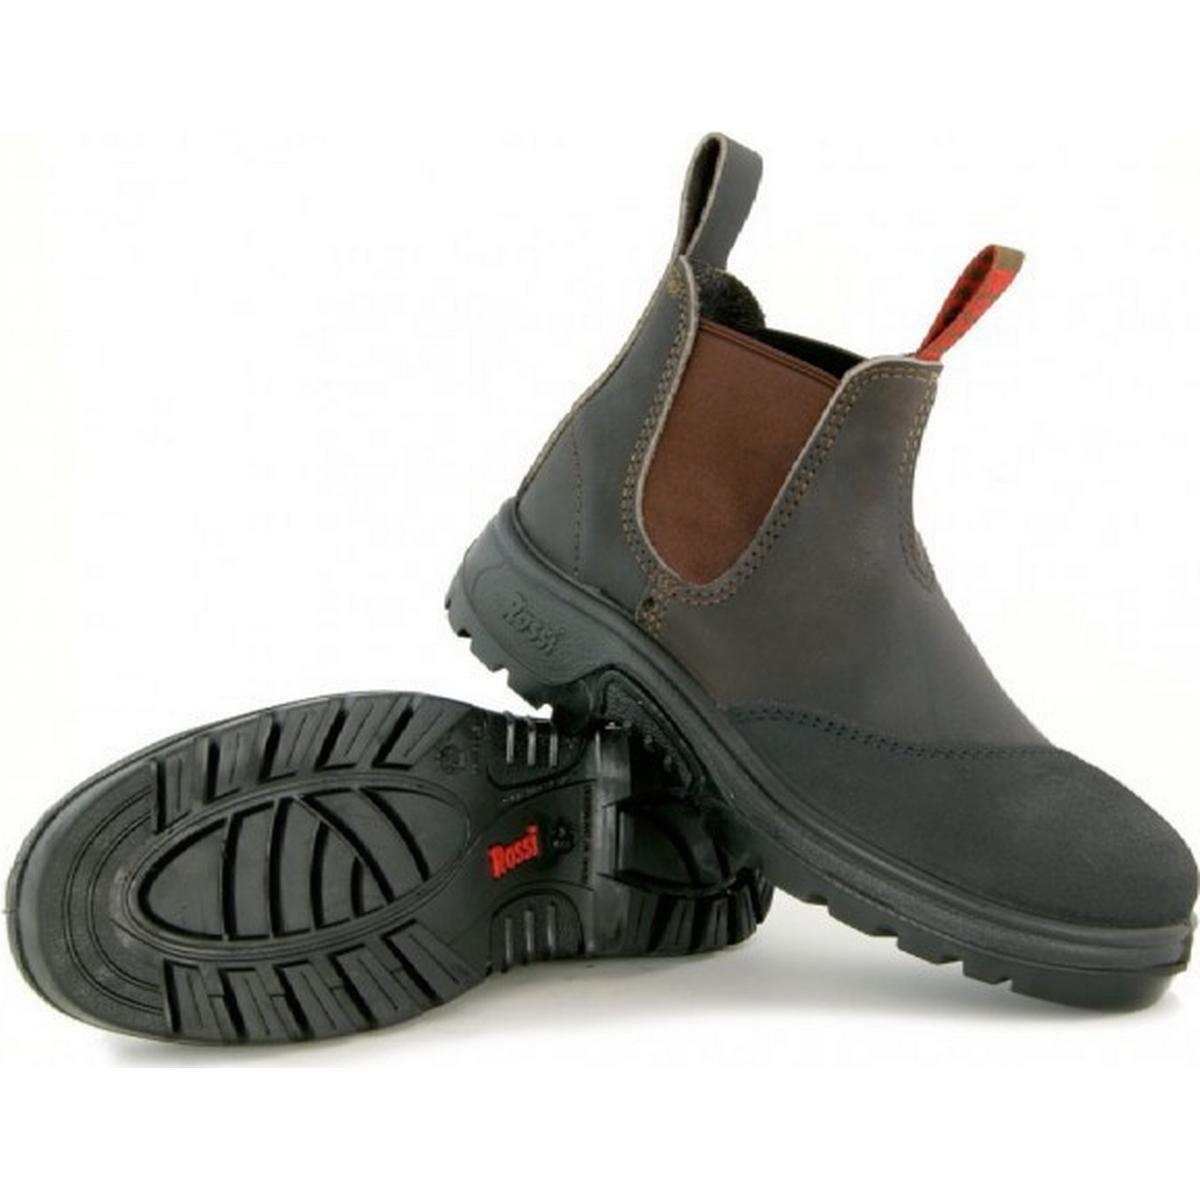 dc3d3aea7 Rossi Boots Arbejdstøj - Sammenlign priser hos PriceRunner